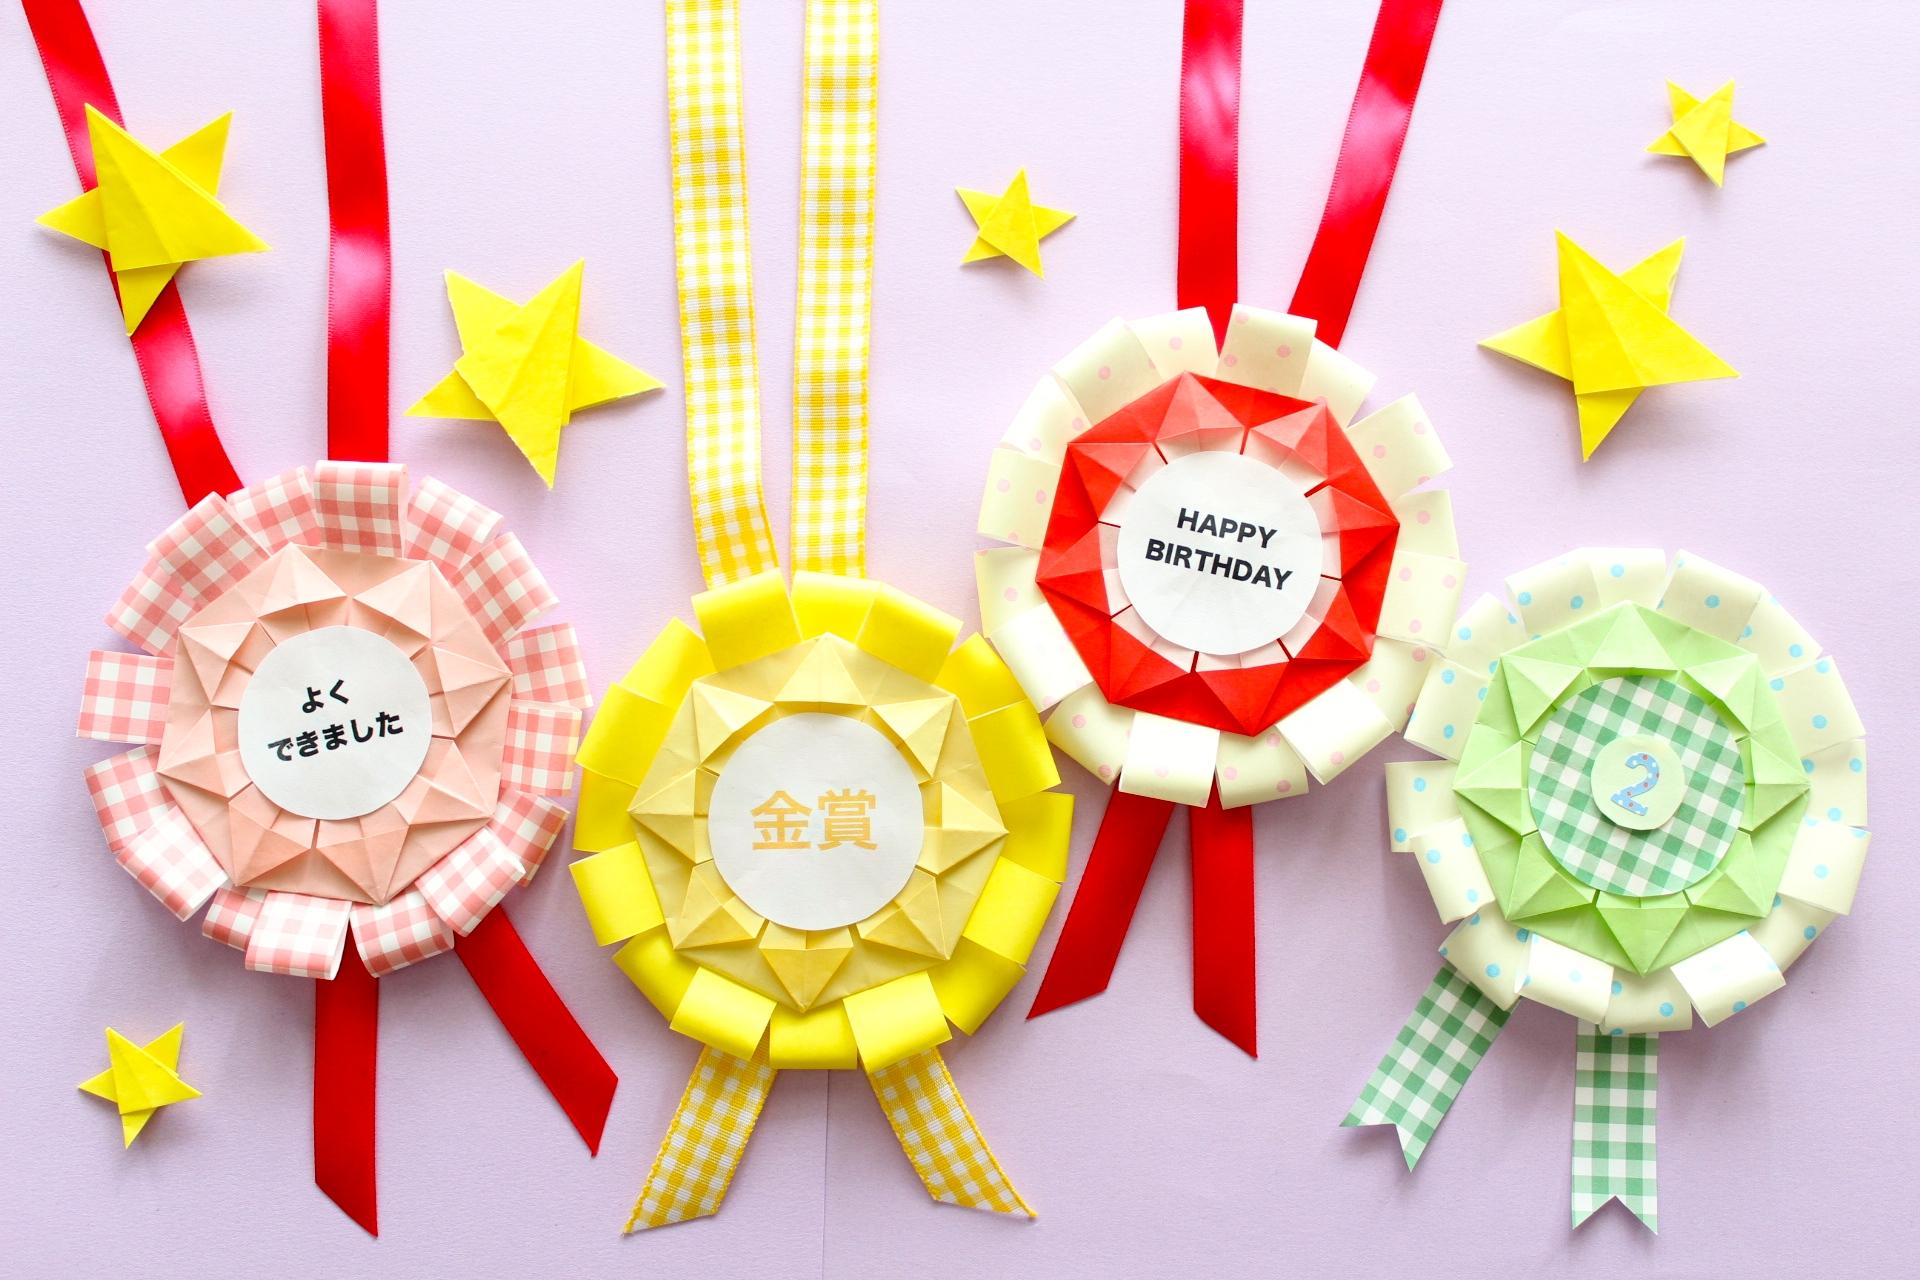 1 498.jpg - 簡単にできる!折り紙のメダルの作り方